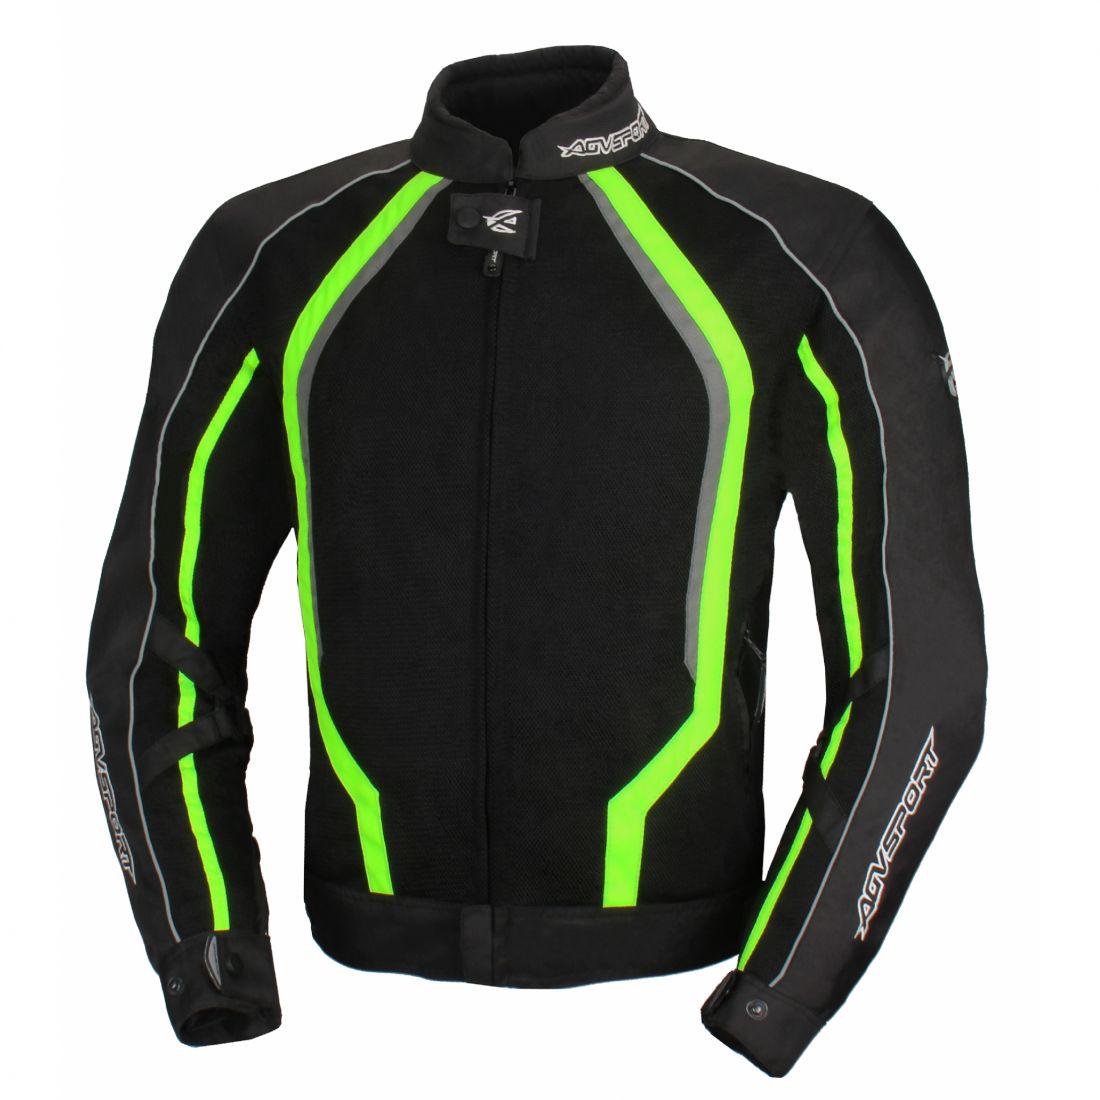 Текстильная куртка Solare II чёрная/флуоресцентно-желтая